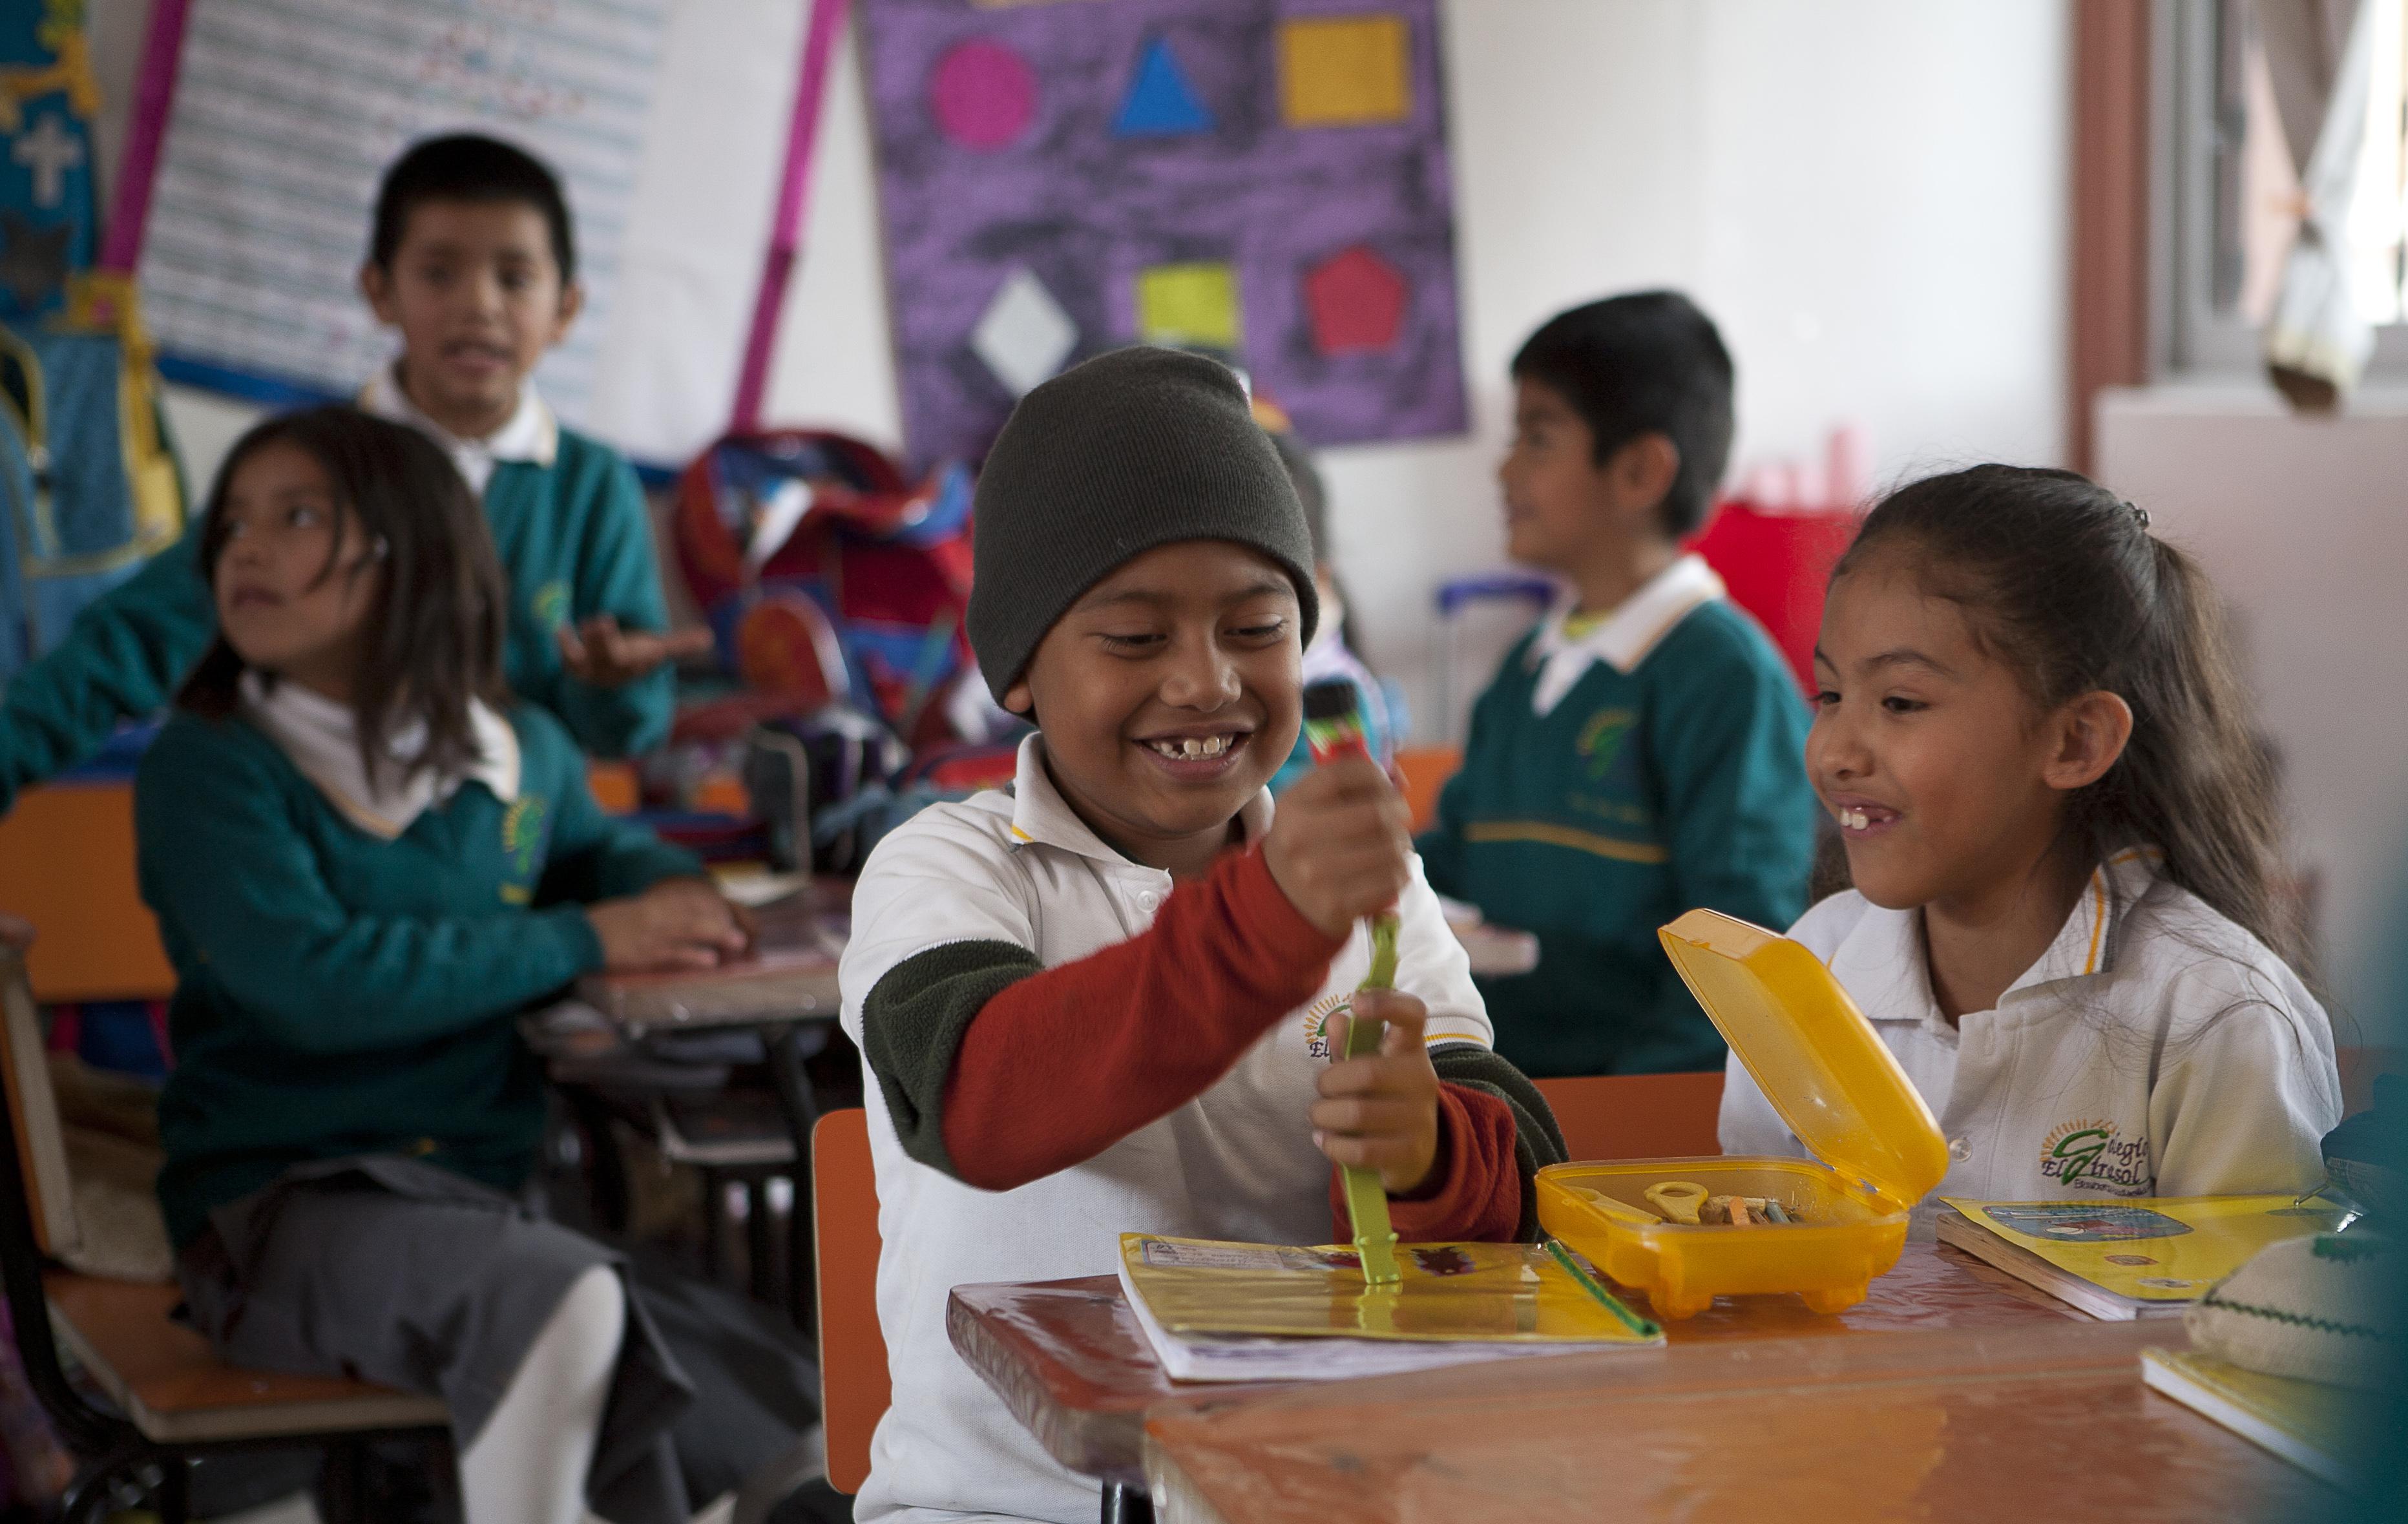 Banco Santander apoya a más de 540.000 menores con sus programas de educación infantil